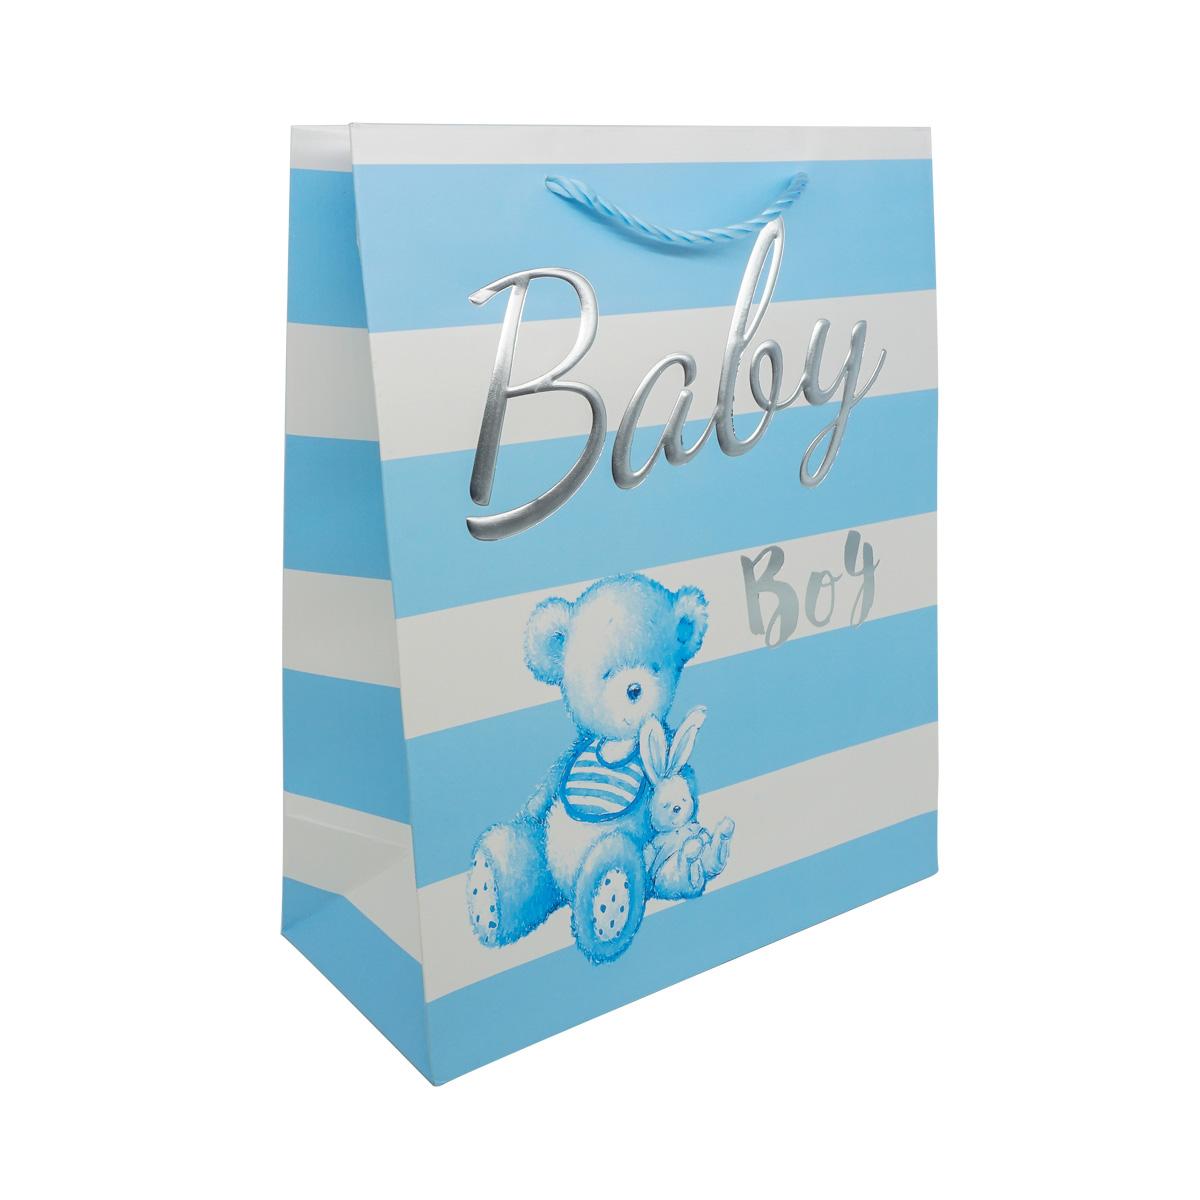 YR050 Пакет подарочный ламинированный 'Baby', 32*26*12см (B-голубой) фото